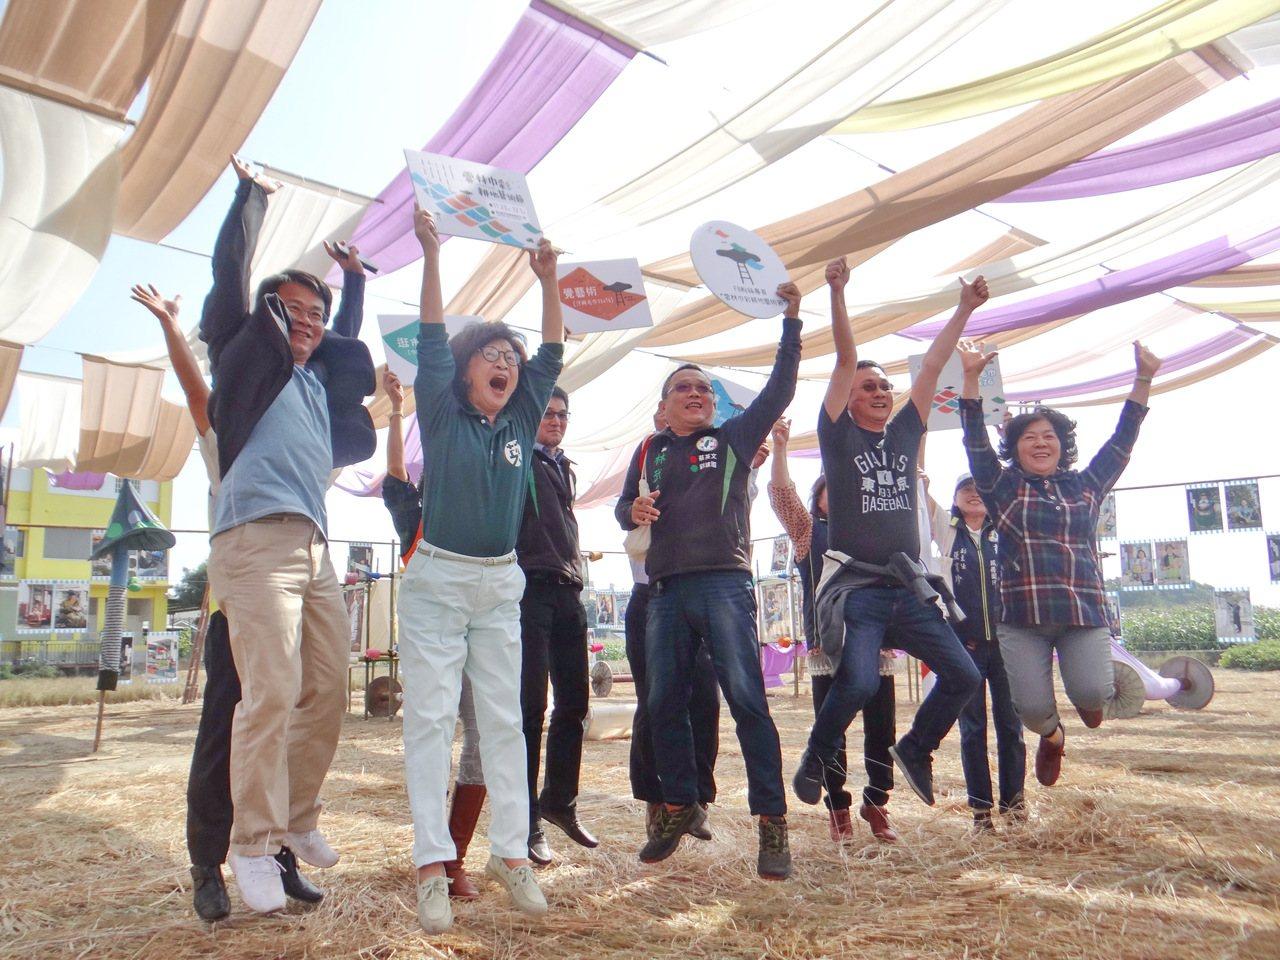 第一屆雲林巾彩耕地藝術節長達9天的毛巾藝術季即將登場,與會來賓起跳飛揚,歡迎民眾...